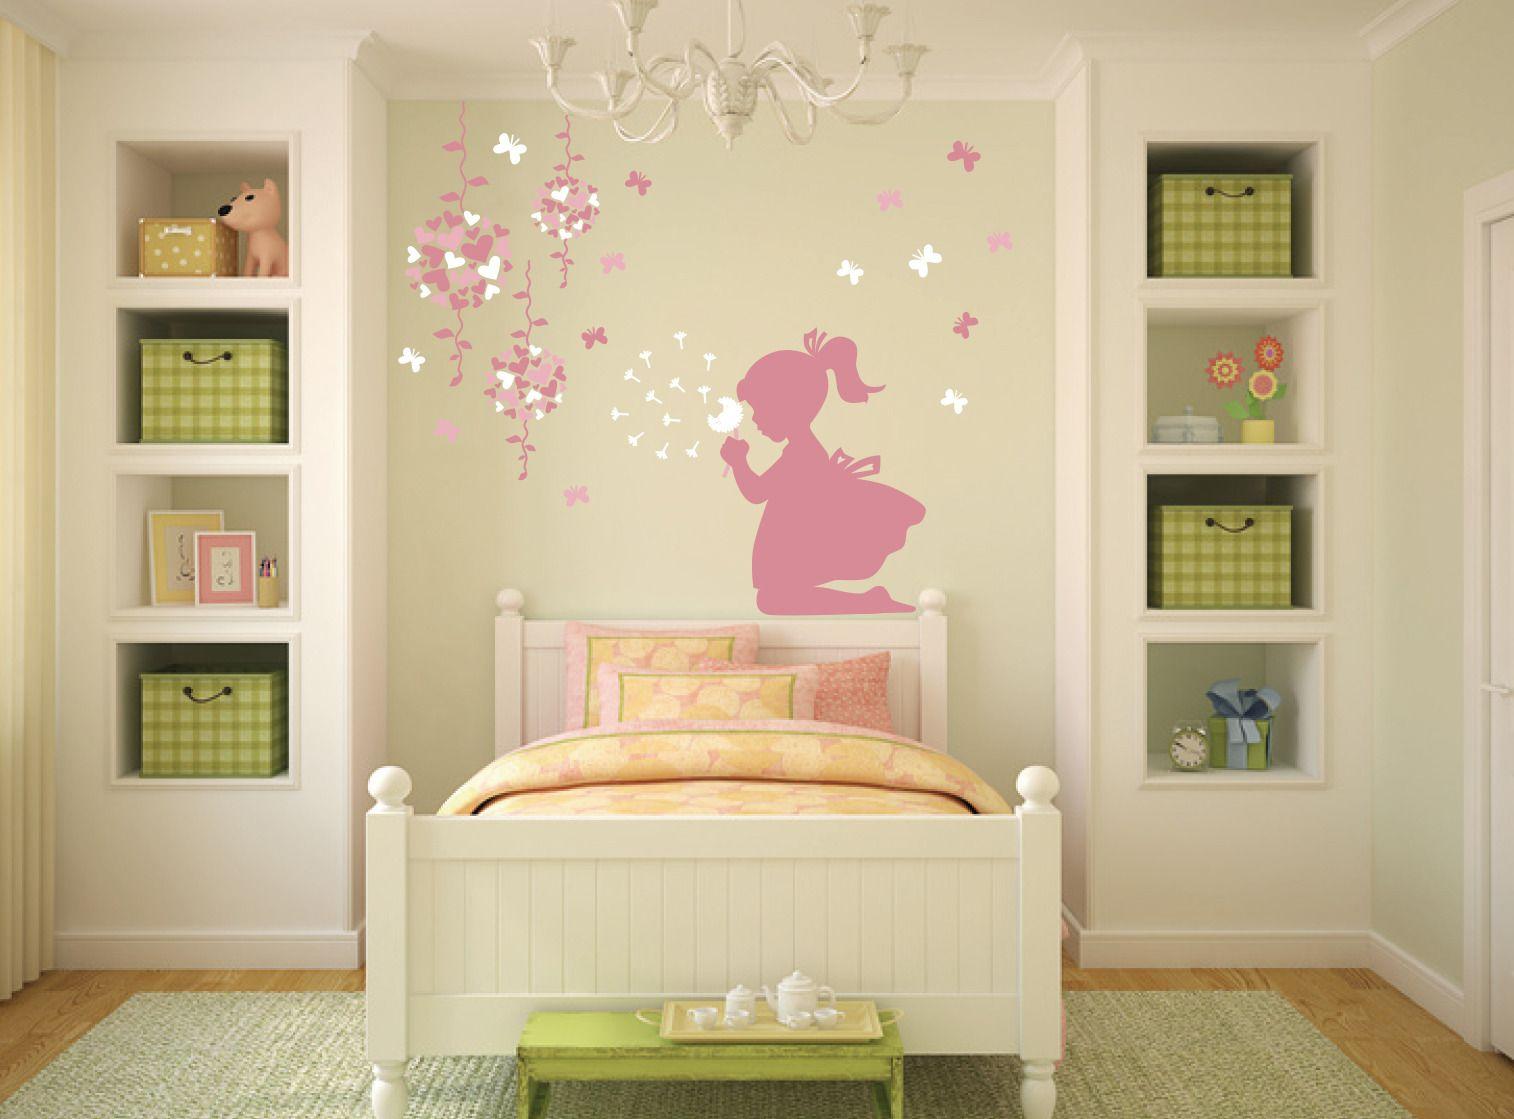 Disegni Cameretta ~ Camerette per bambine case di charme pinterest bambine